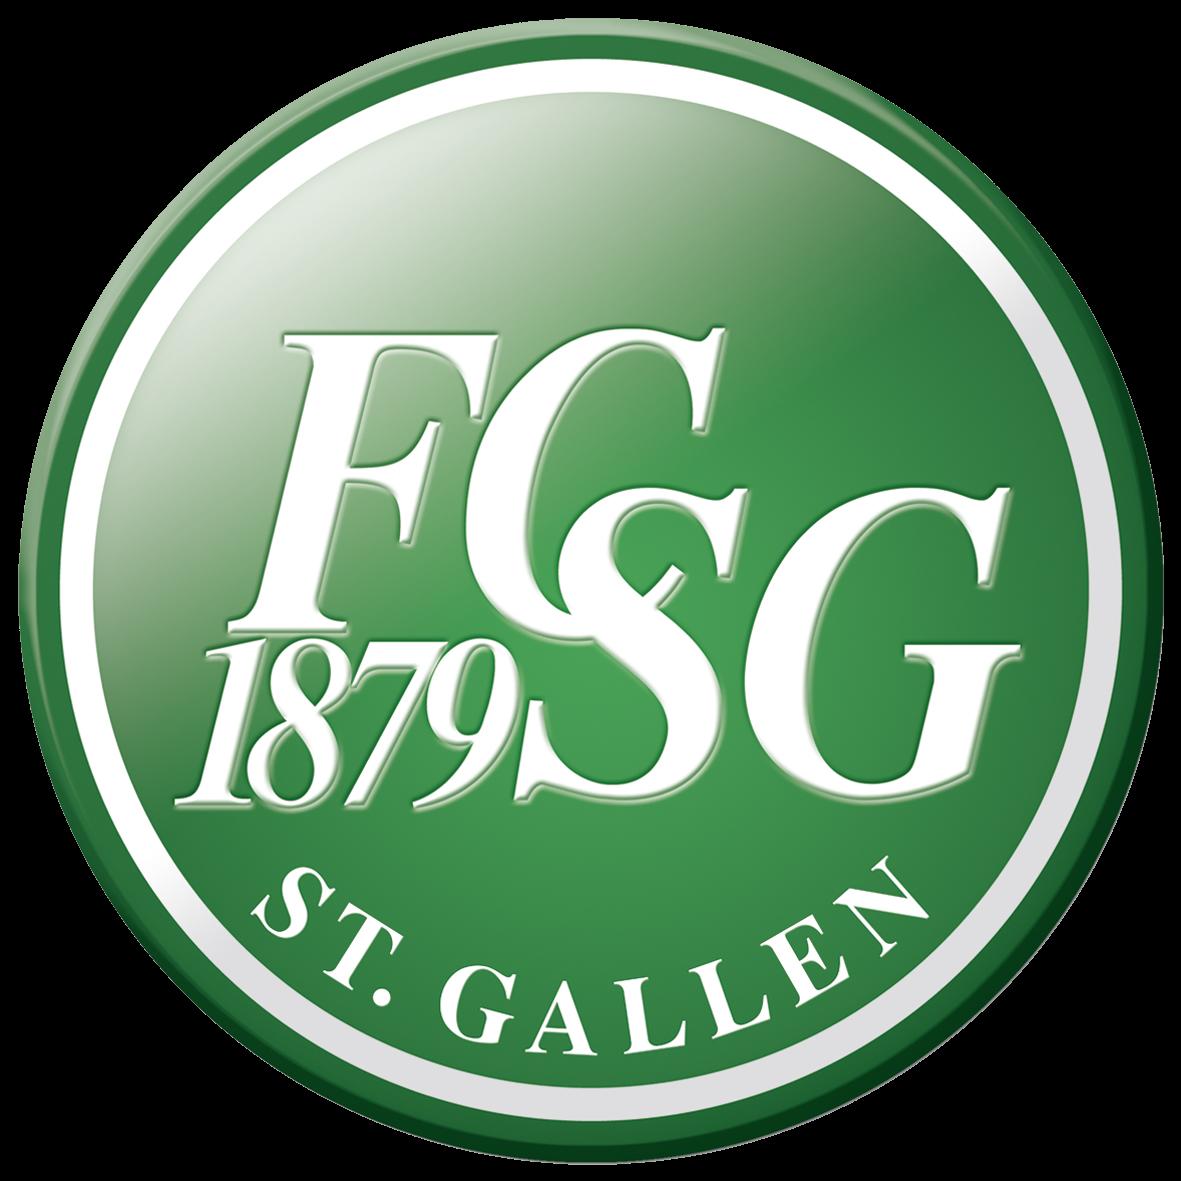 St Gallen Fc